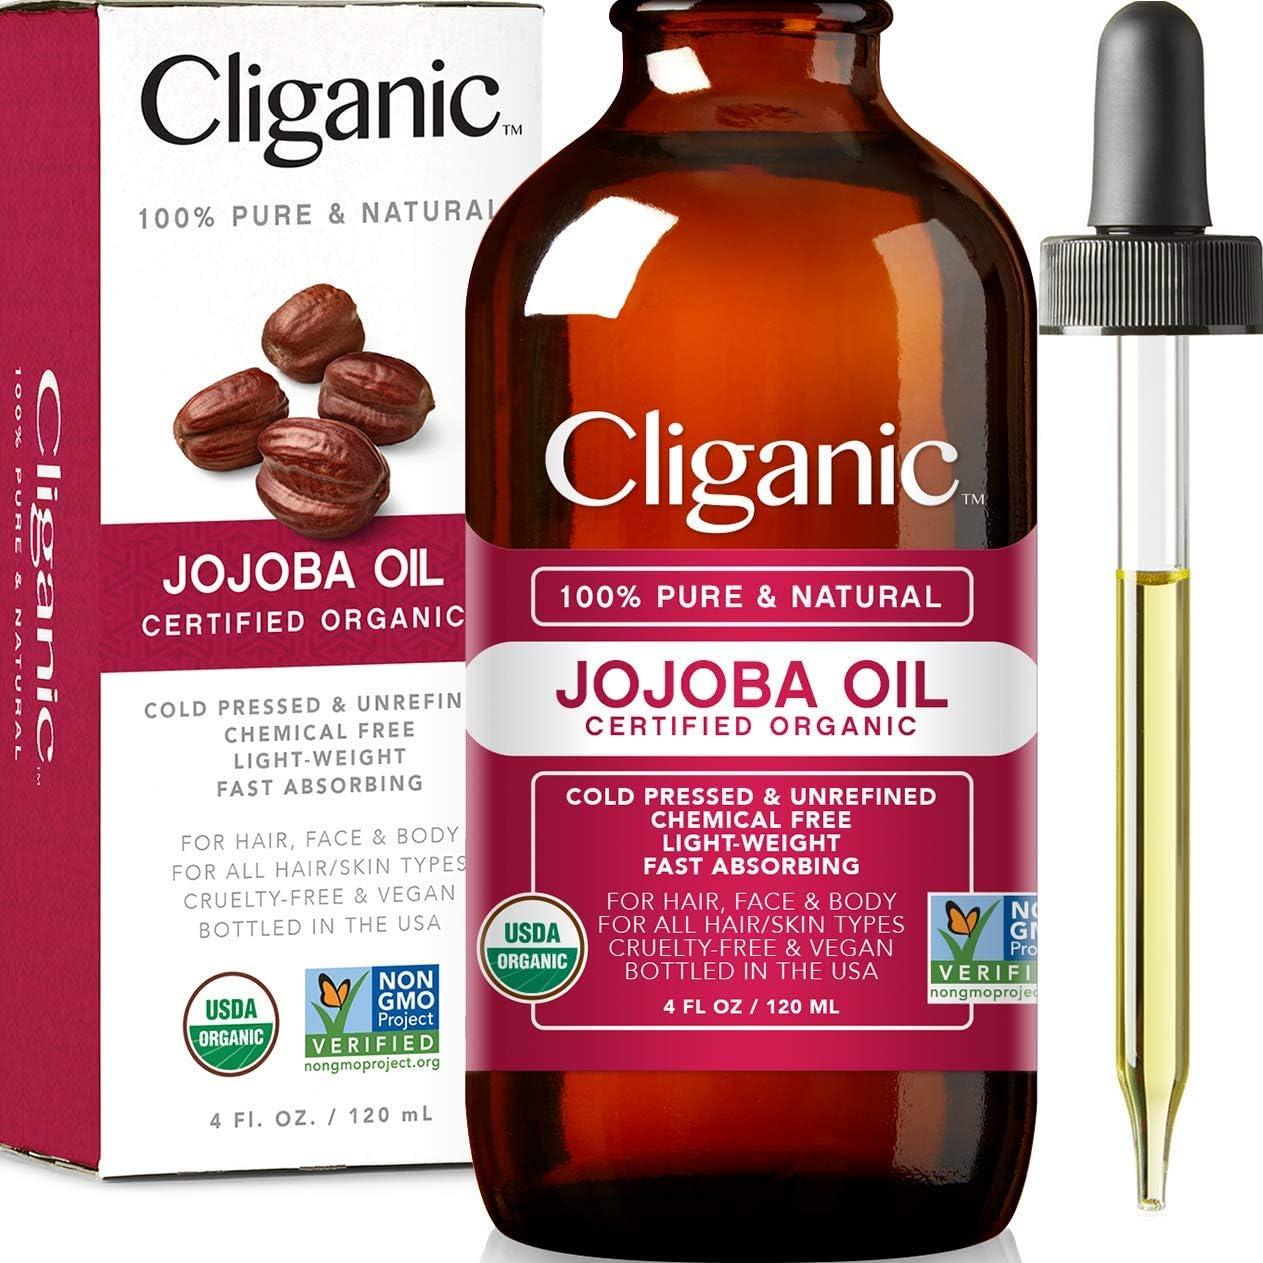 Cliganic Aceite de Jojoba Bio, 100% Puro Ecologico (120 ml) prensado en frio, natural vegano, sin hexano | para cabello, cara, cuticulas, pelo, masajes